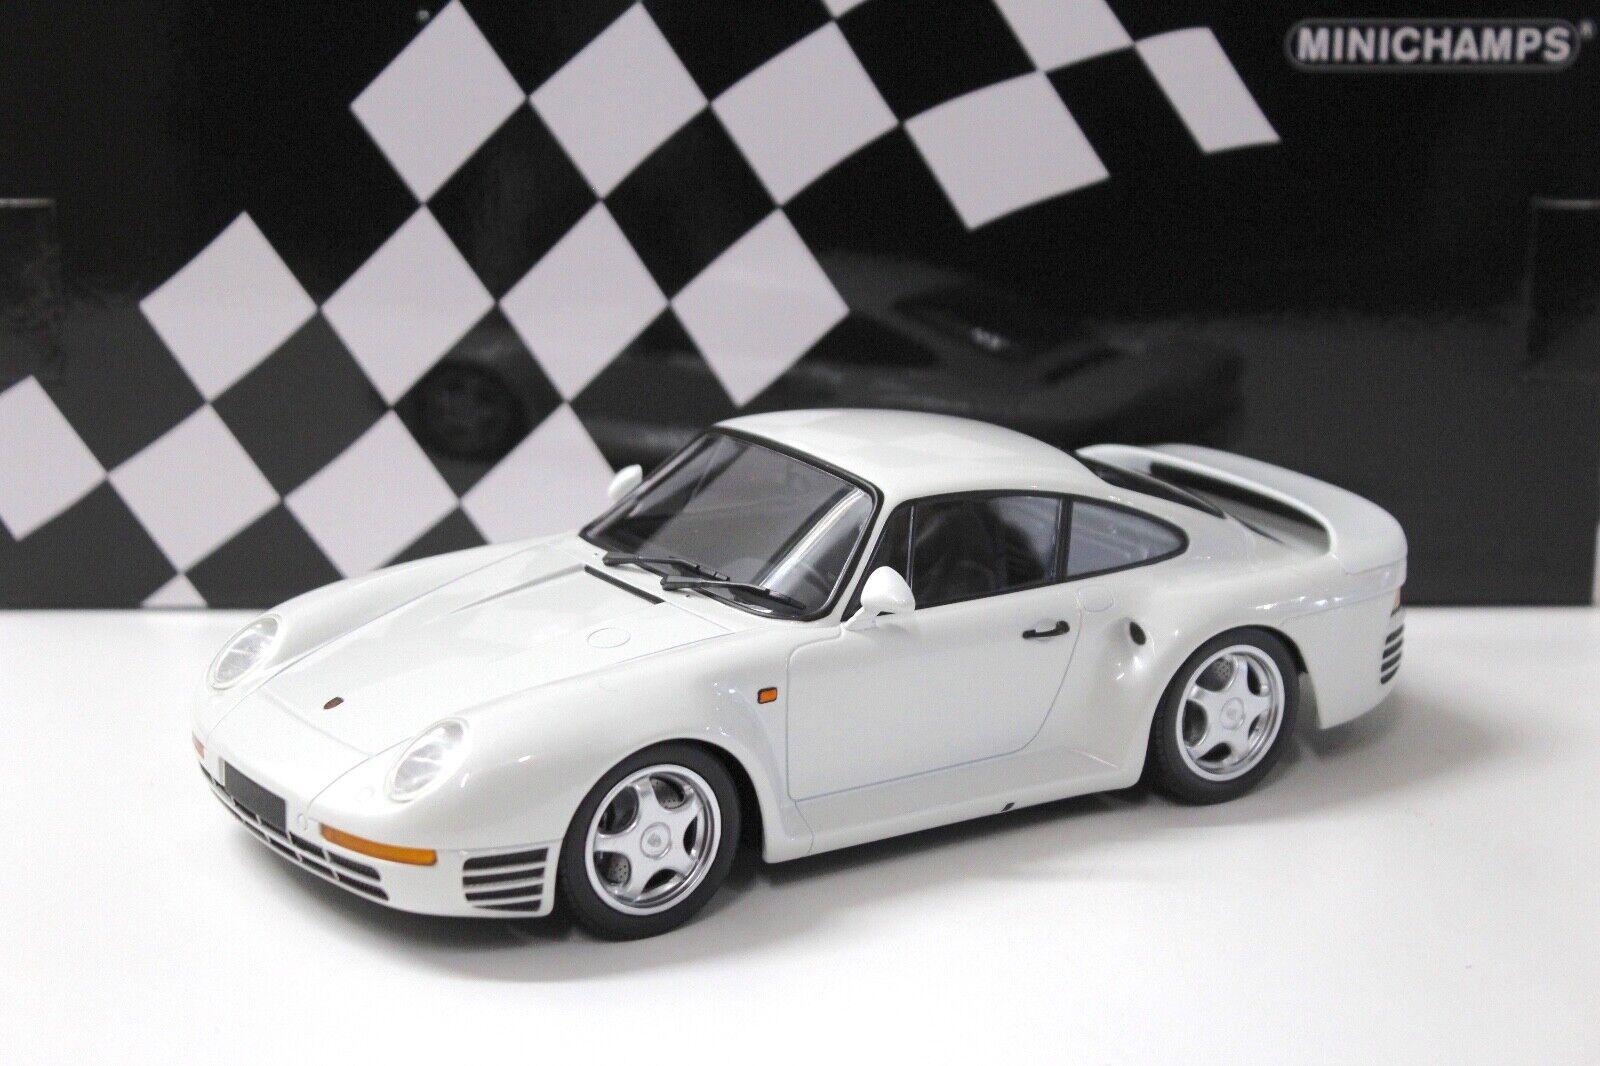 1 18 Minichamps Porsche 959 Coupé blanc New chez Premium-modelcars